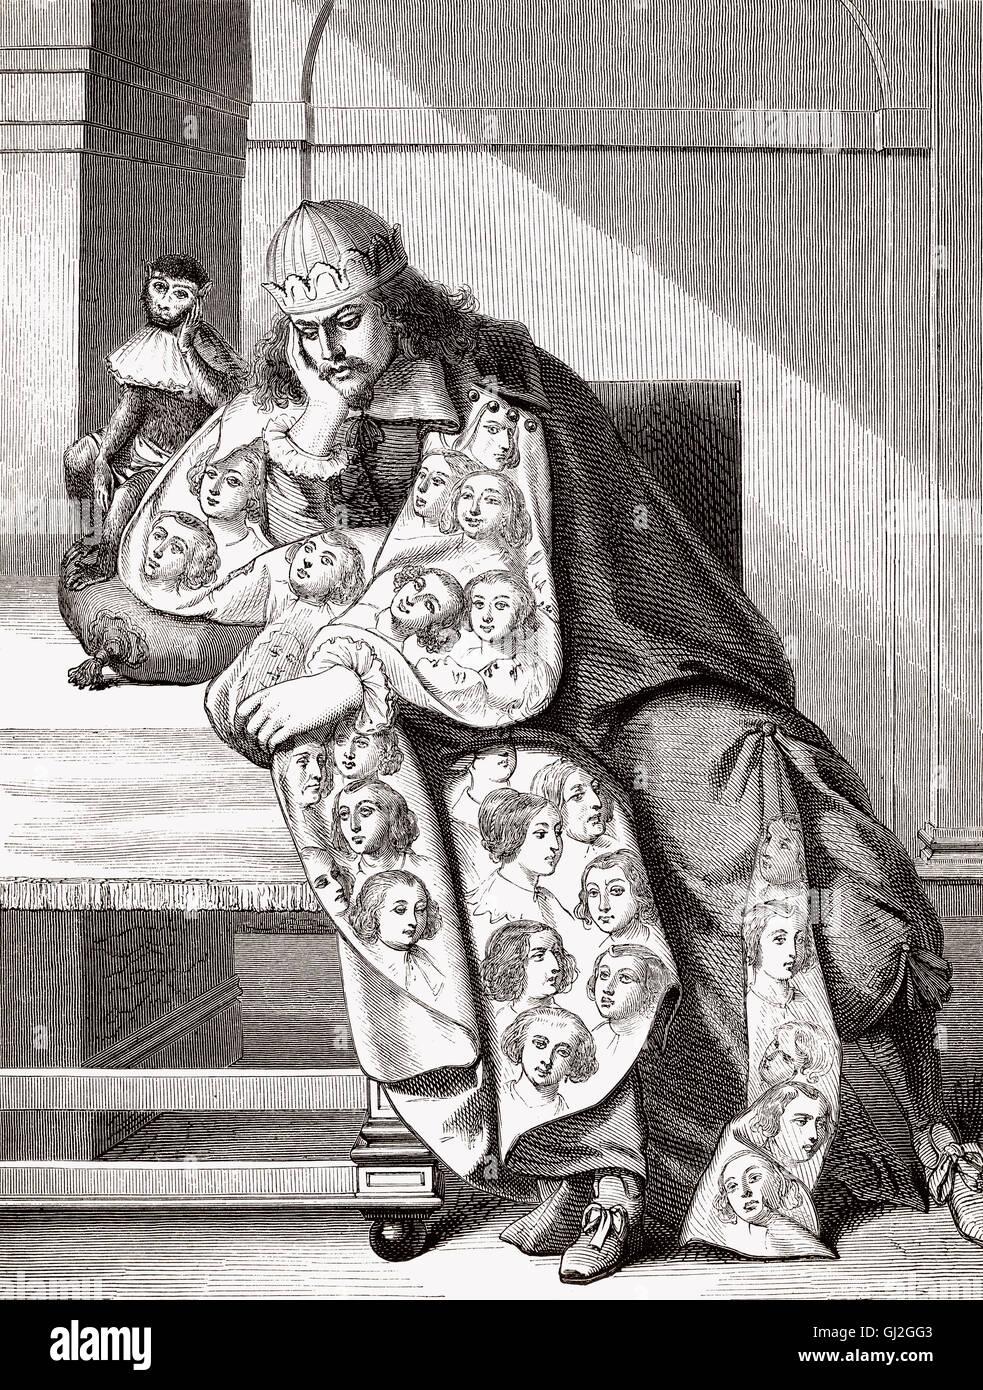 """Mélancolie personnage appelé """"l'homme du péché"""", 1634, par Abraham Bosse, ch. 1602-1676, un graveur français Banque D'Images"""